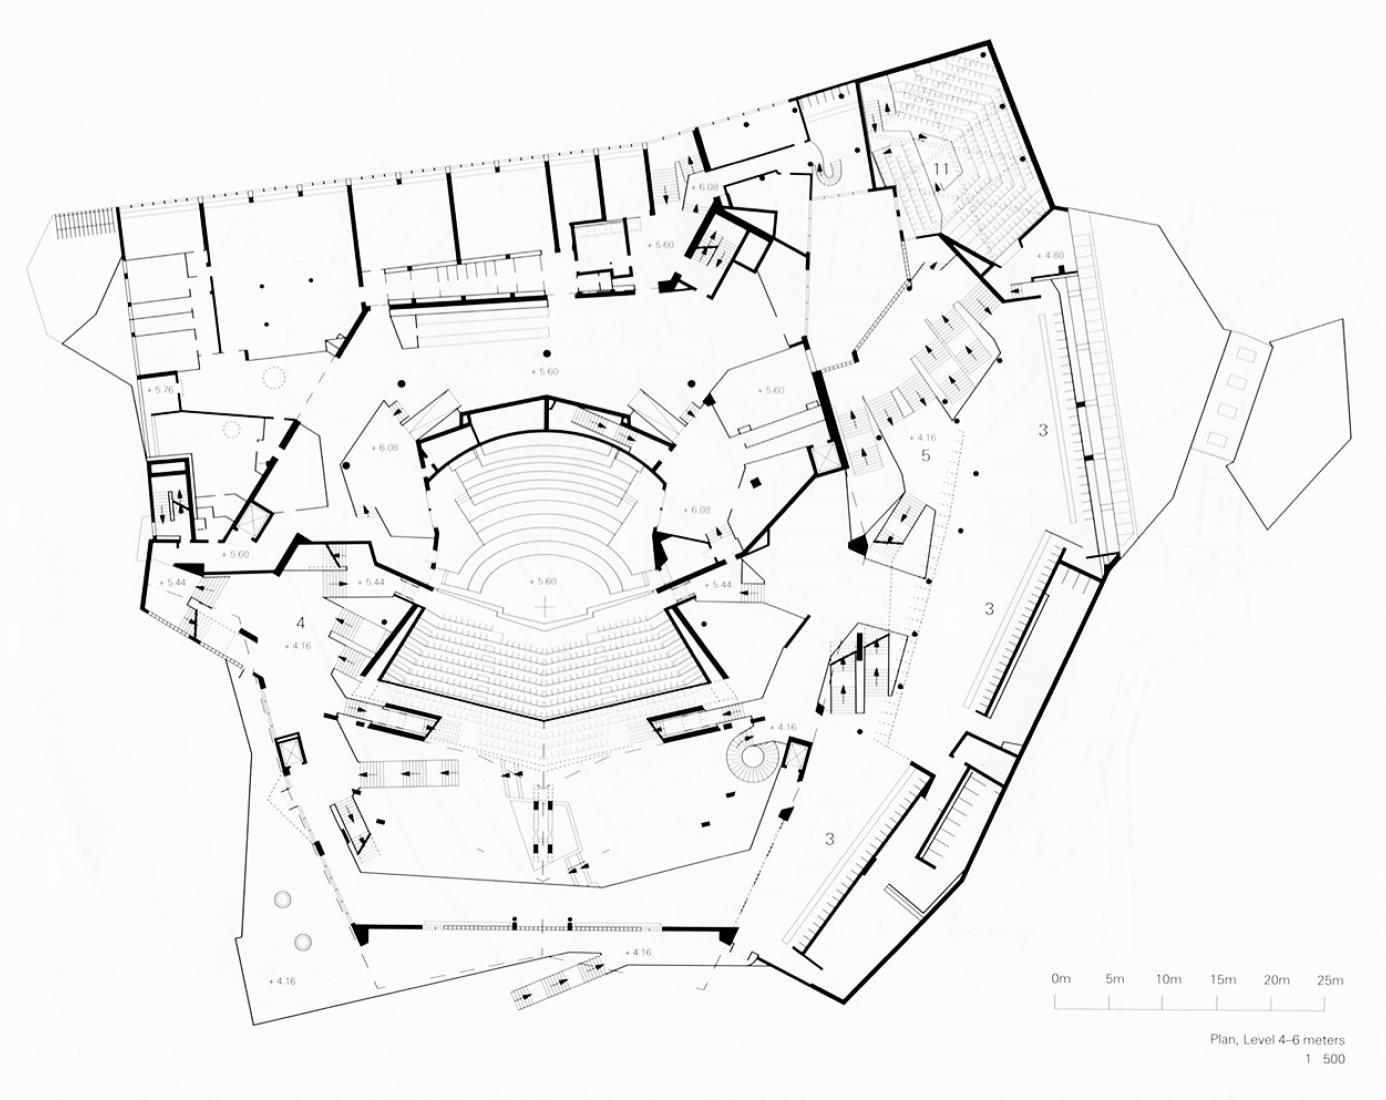 estudio13_filarmonica_berlin_hans_scharoun_7